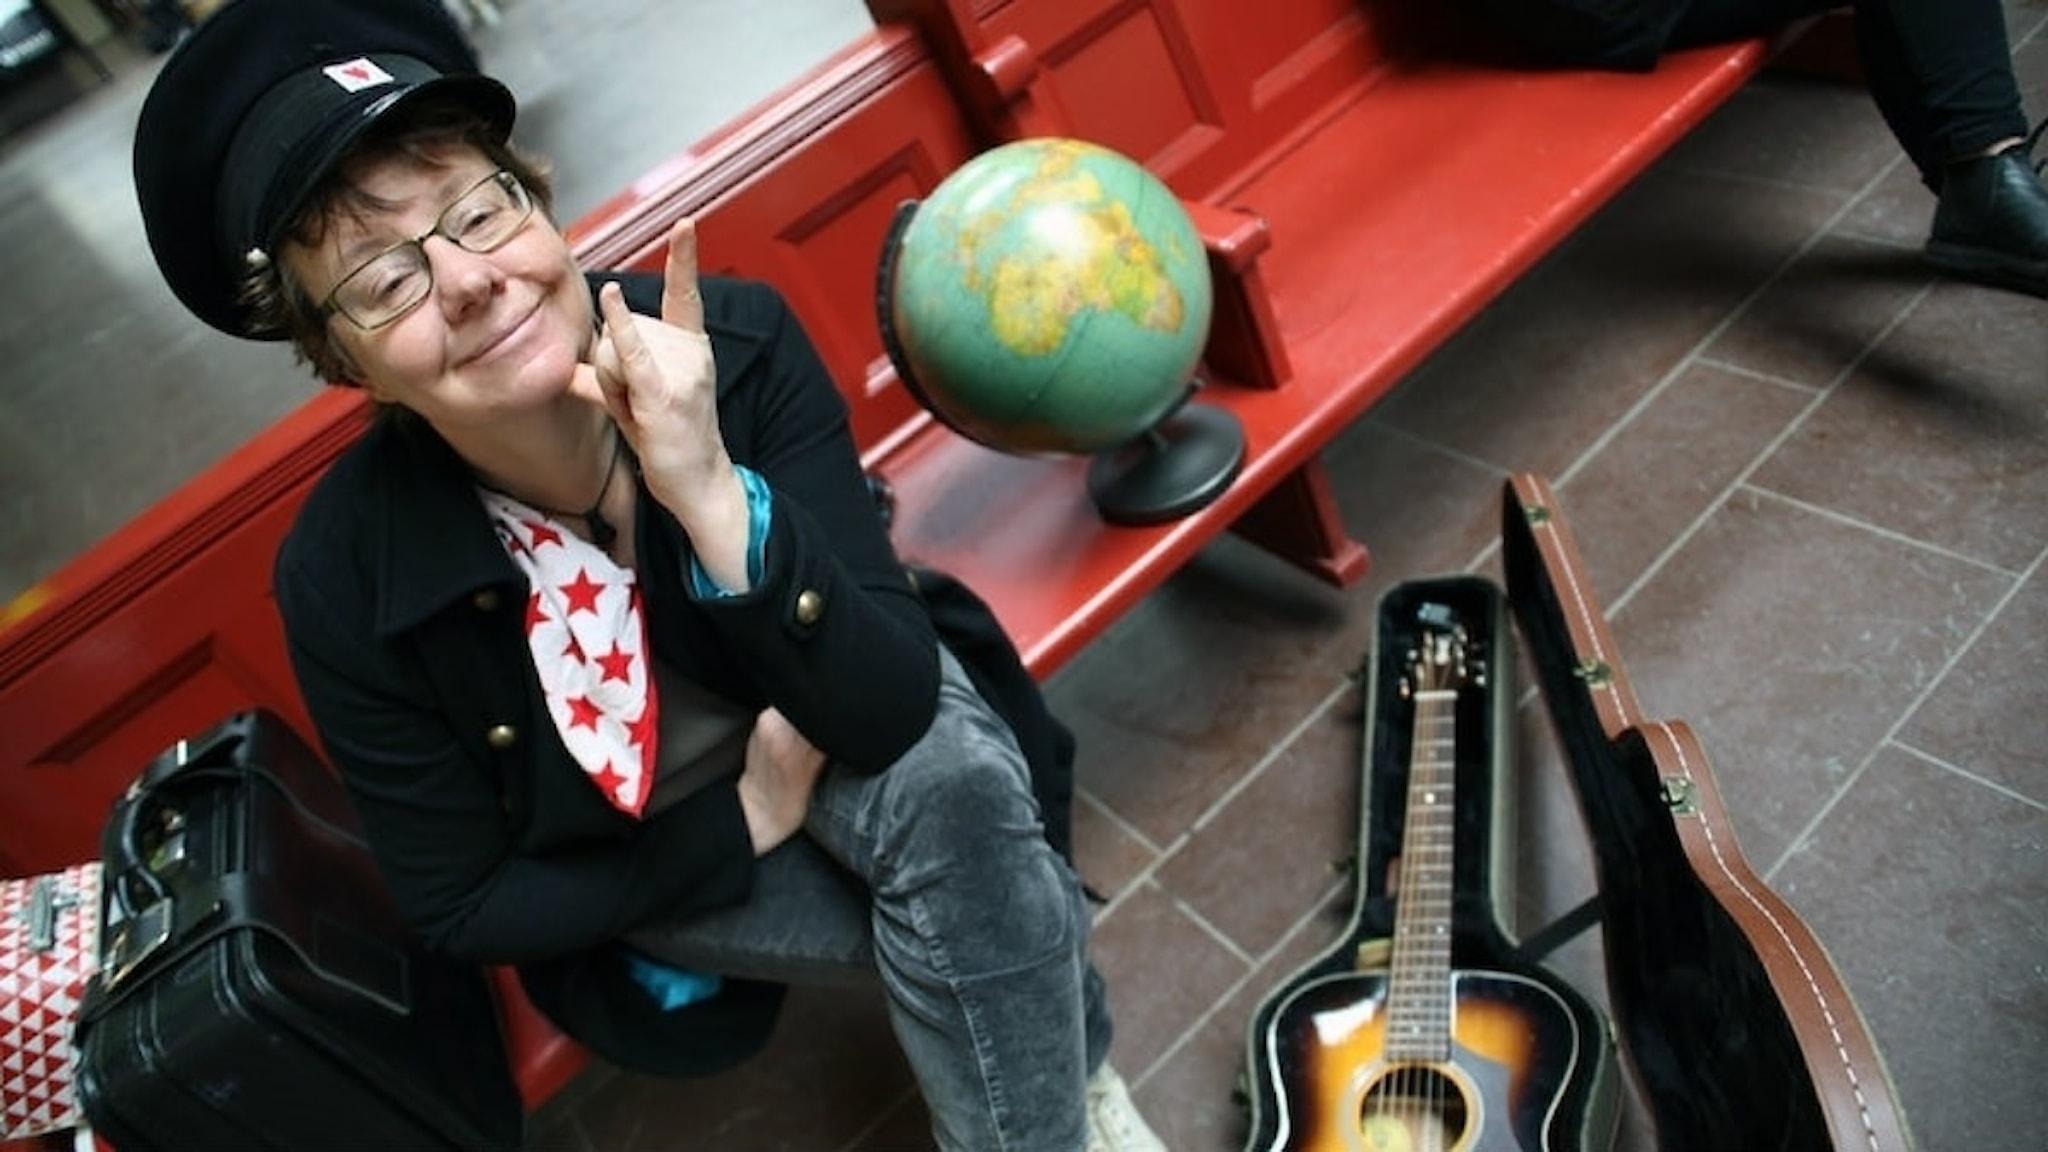 Visartisten och författaren Christina Kjellsson sitter på en röd bänk på Centralen i Göteborg. Hon bär en stinsmössa, har en jordglob bredvid sig, en akustisk gitarr i ett fodral på golvet och en svart resväska bredvid.